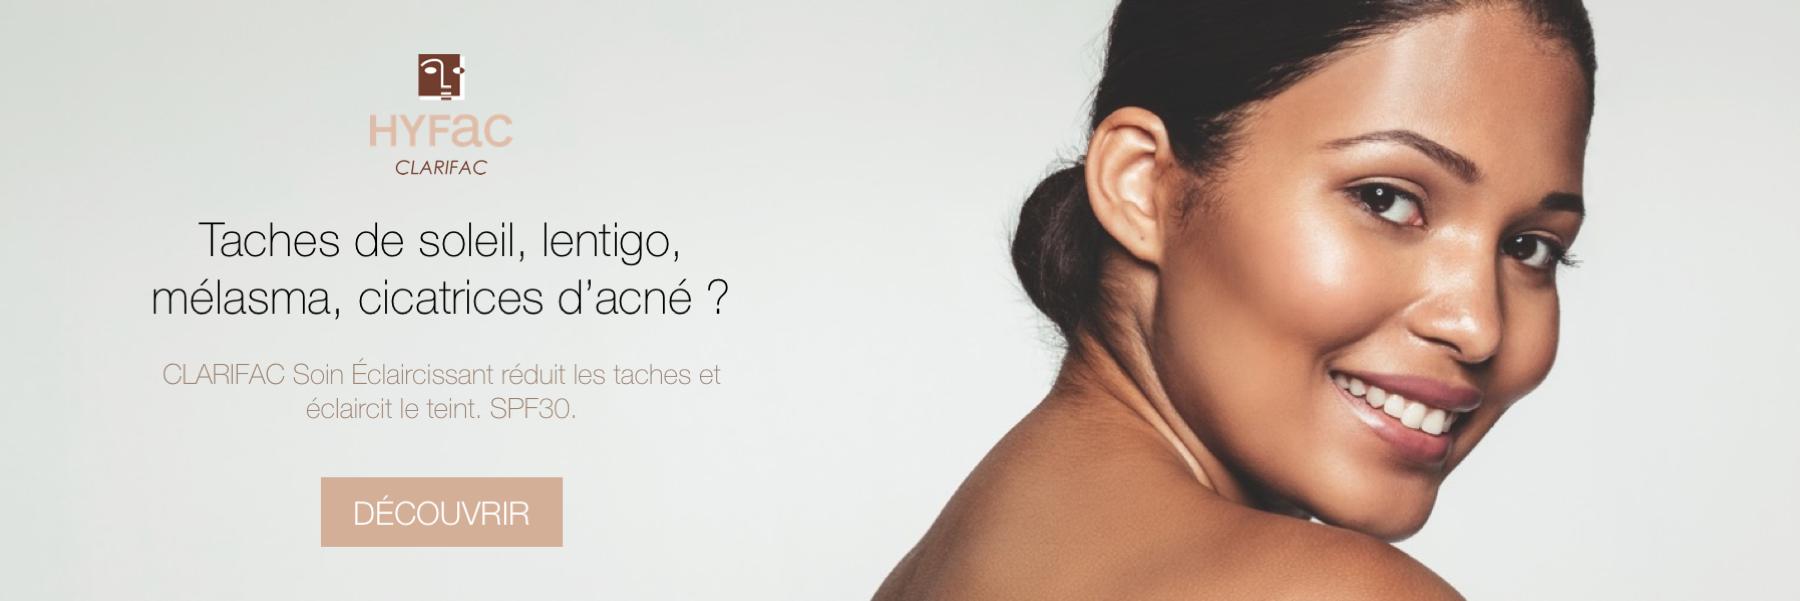 HYFAC CLARIFAC Soin anti-taches peau SPF30